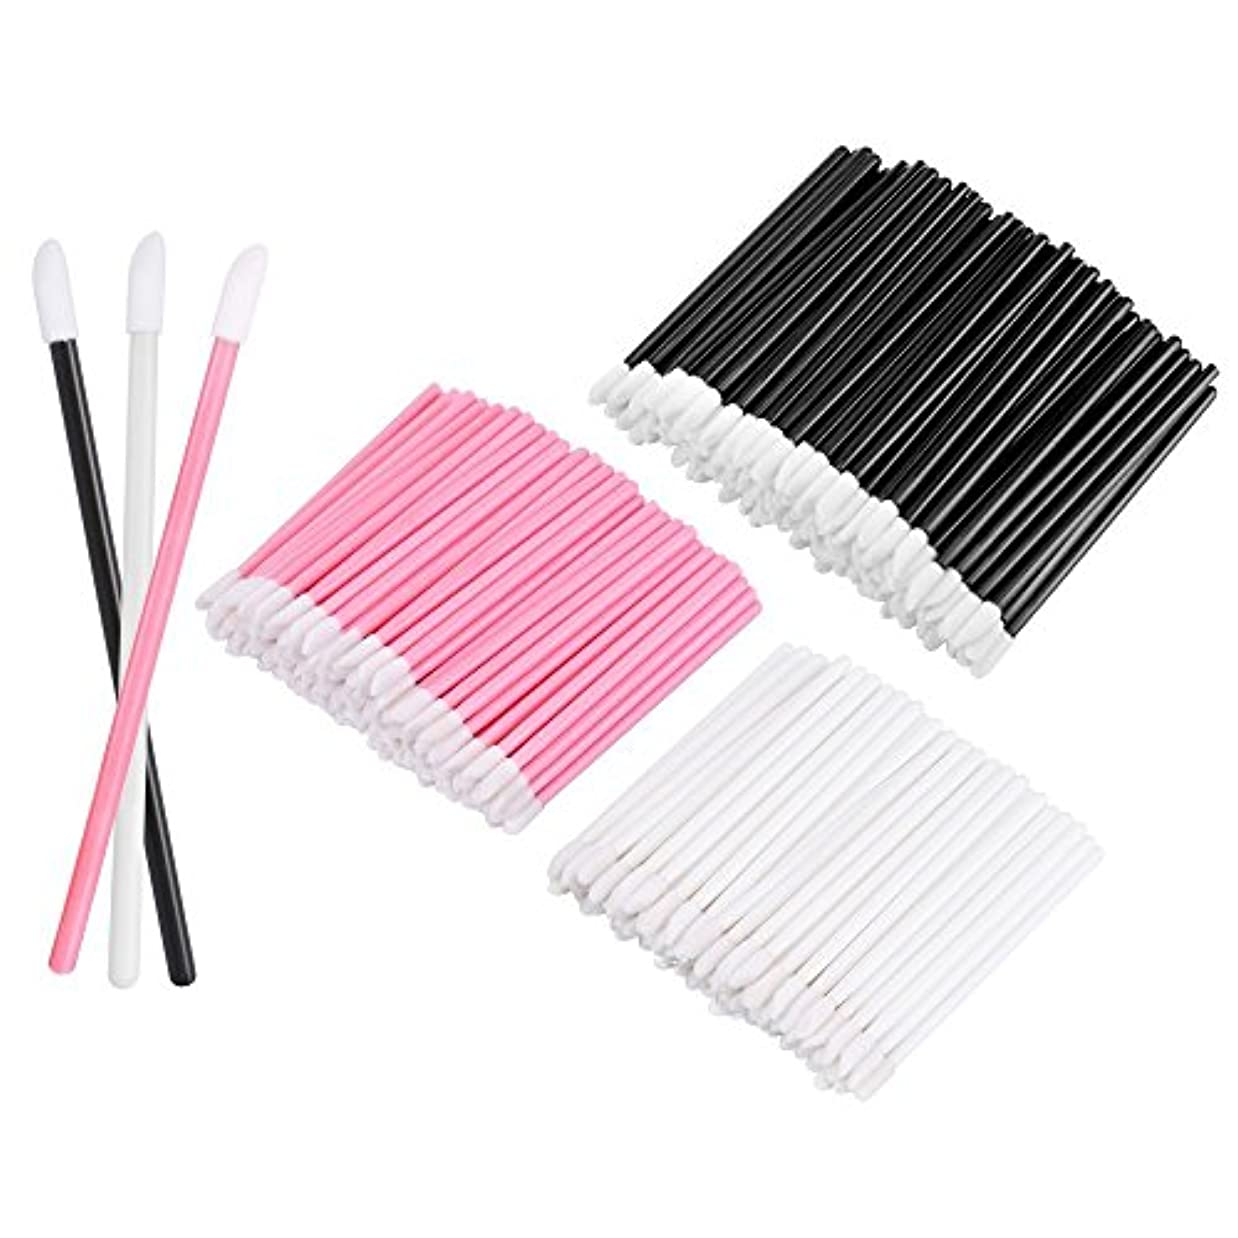 ながら死んでいる無数のKEDSUM リップブラシ 使い捨て 300本入り メイクブラシ 化粧用品 化粧筆 化粧ブラシ 携帯用 便利 (3色)